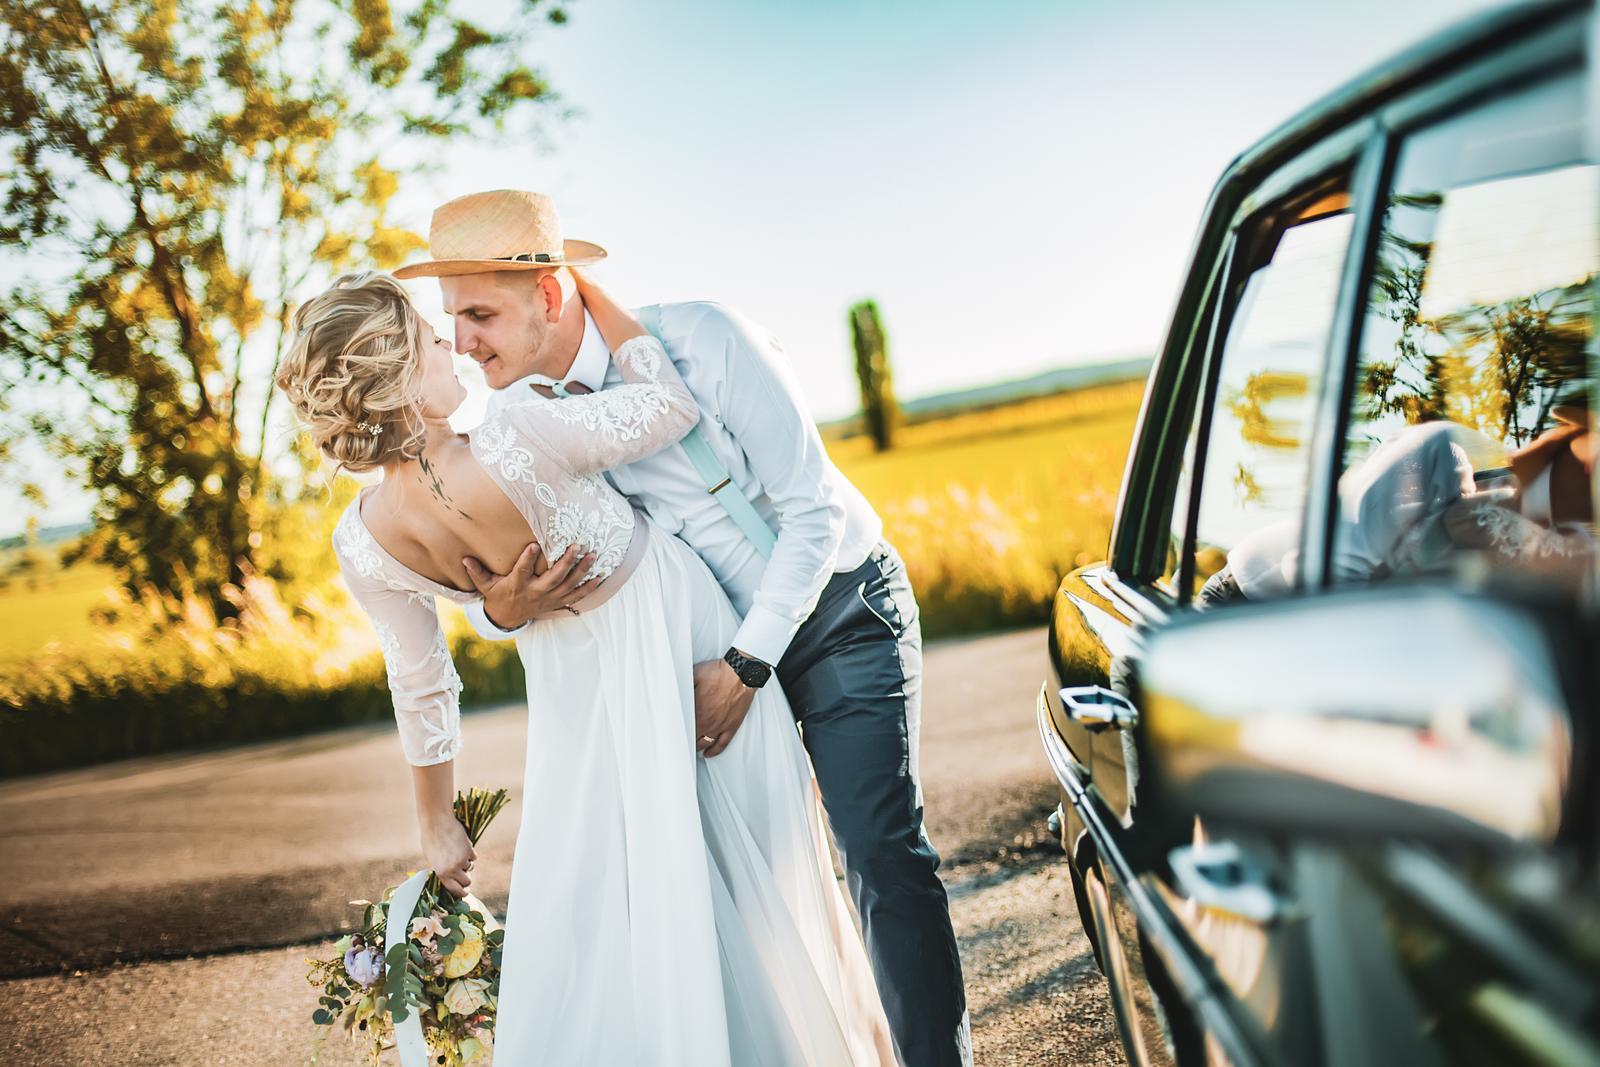 Weddings 👰2019 - Obrázek č. 9